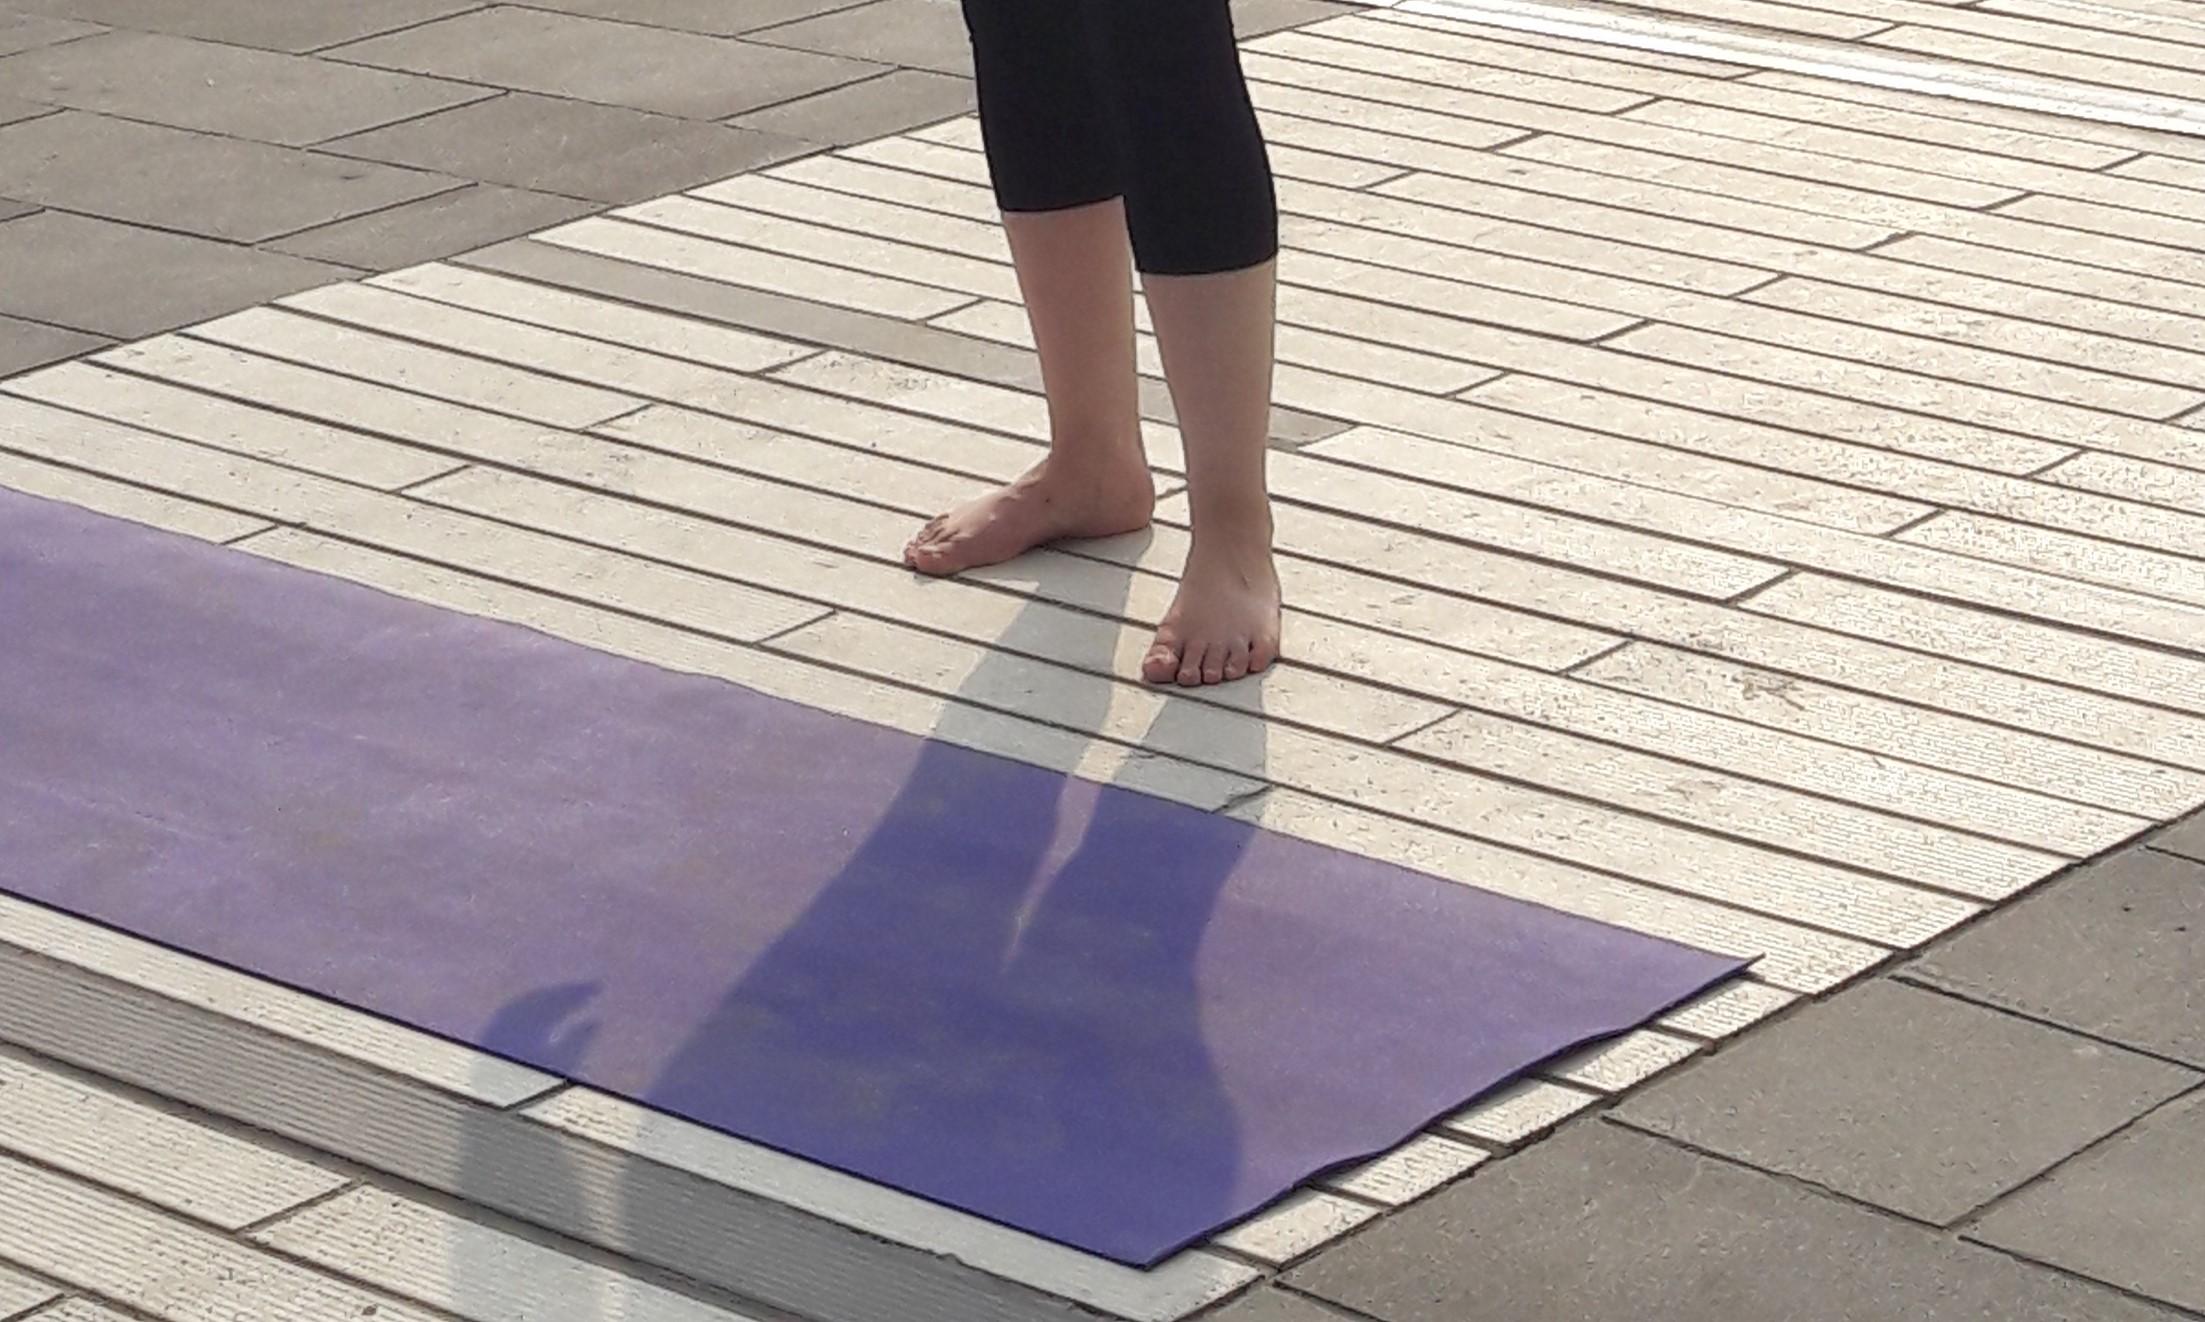 1_essere-free-yoga-gratuito-benessere-per-tutti-village-citta-alassio-estate-lucia-ragazzi-summer-town-wellness-016